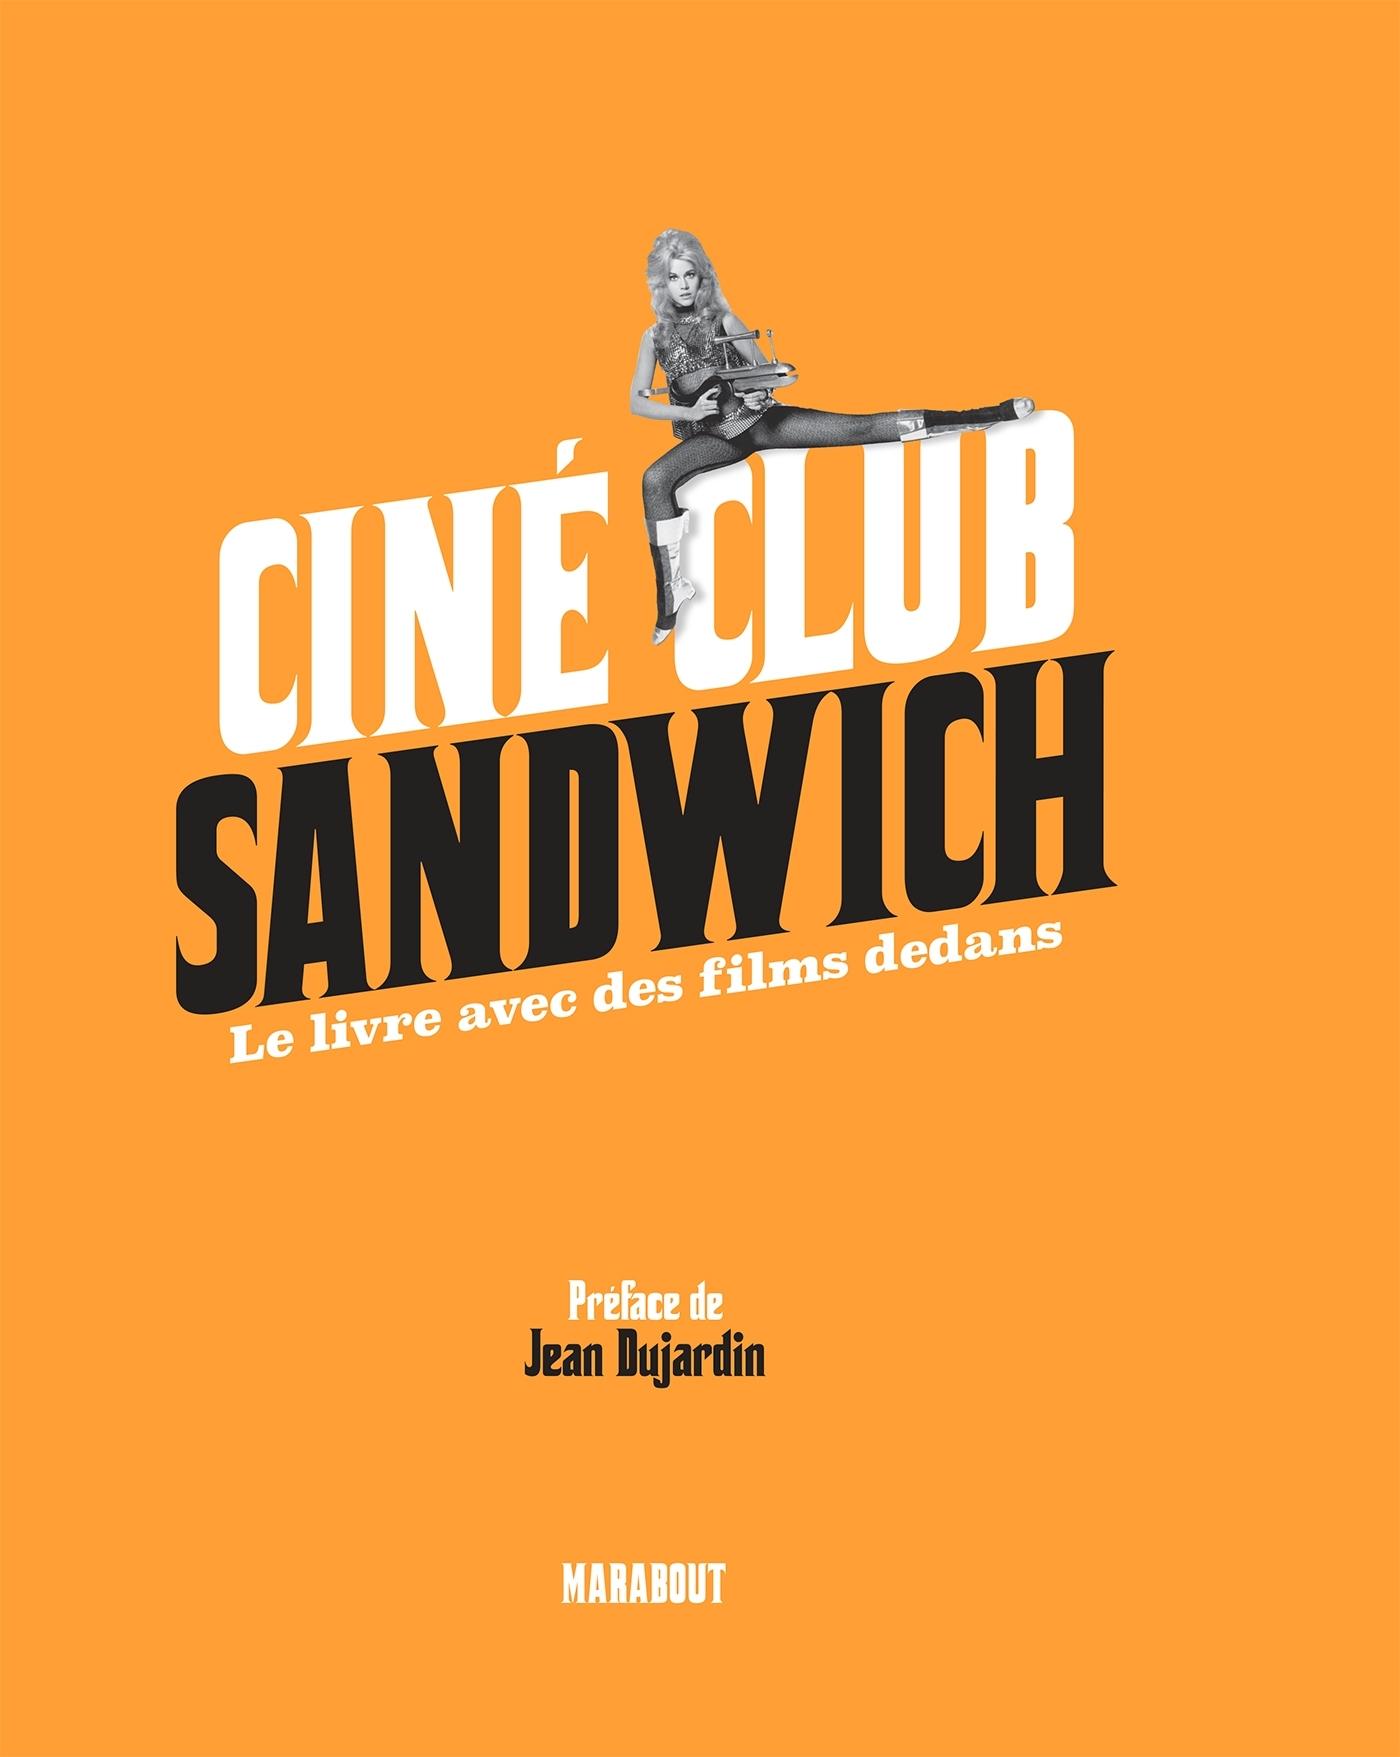 CINE CLUB SANDWICH - LE LIVRE AVEC DES FILMS DEDANS